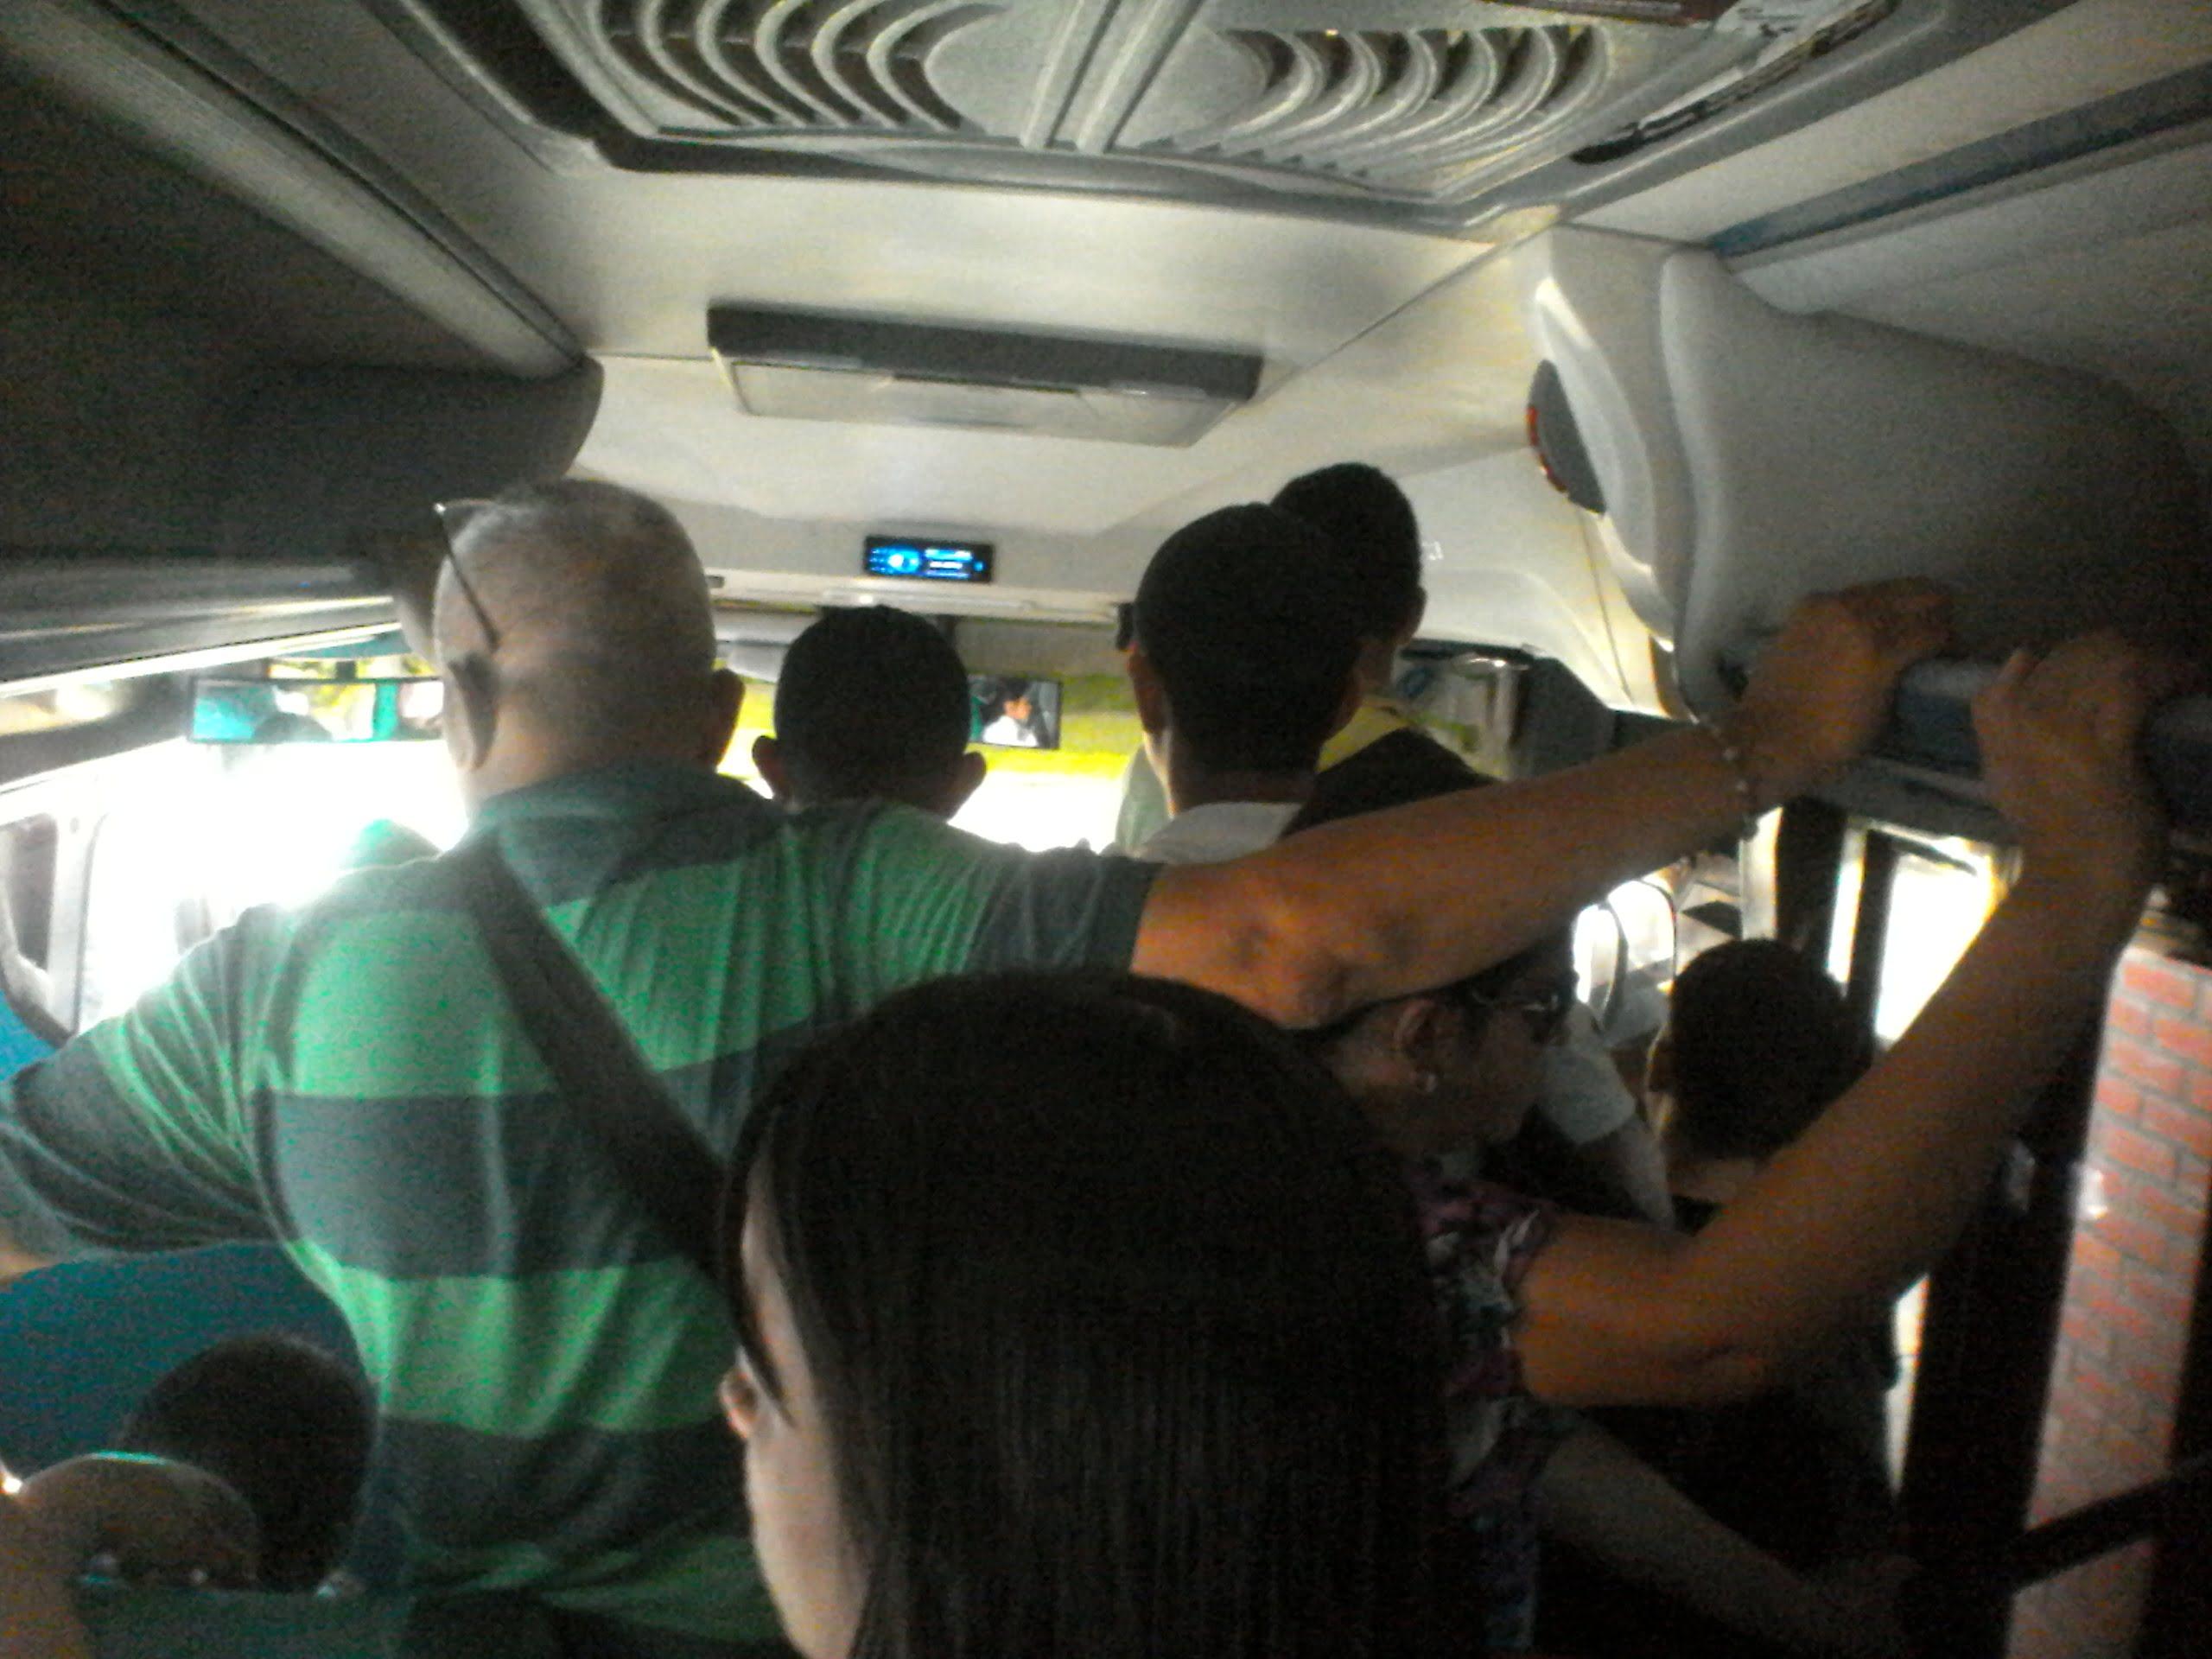 ¡Ojo! Policía advirtió sobre posibles robos en buses